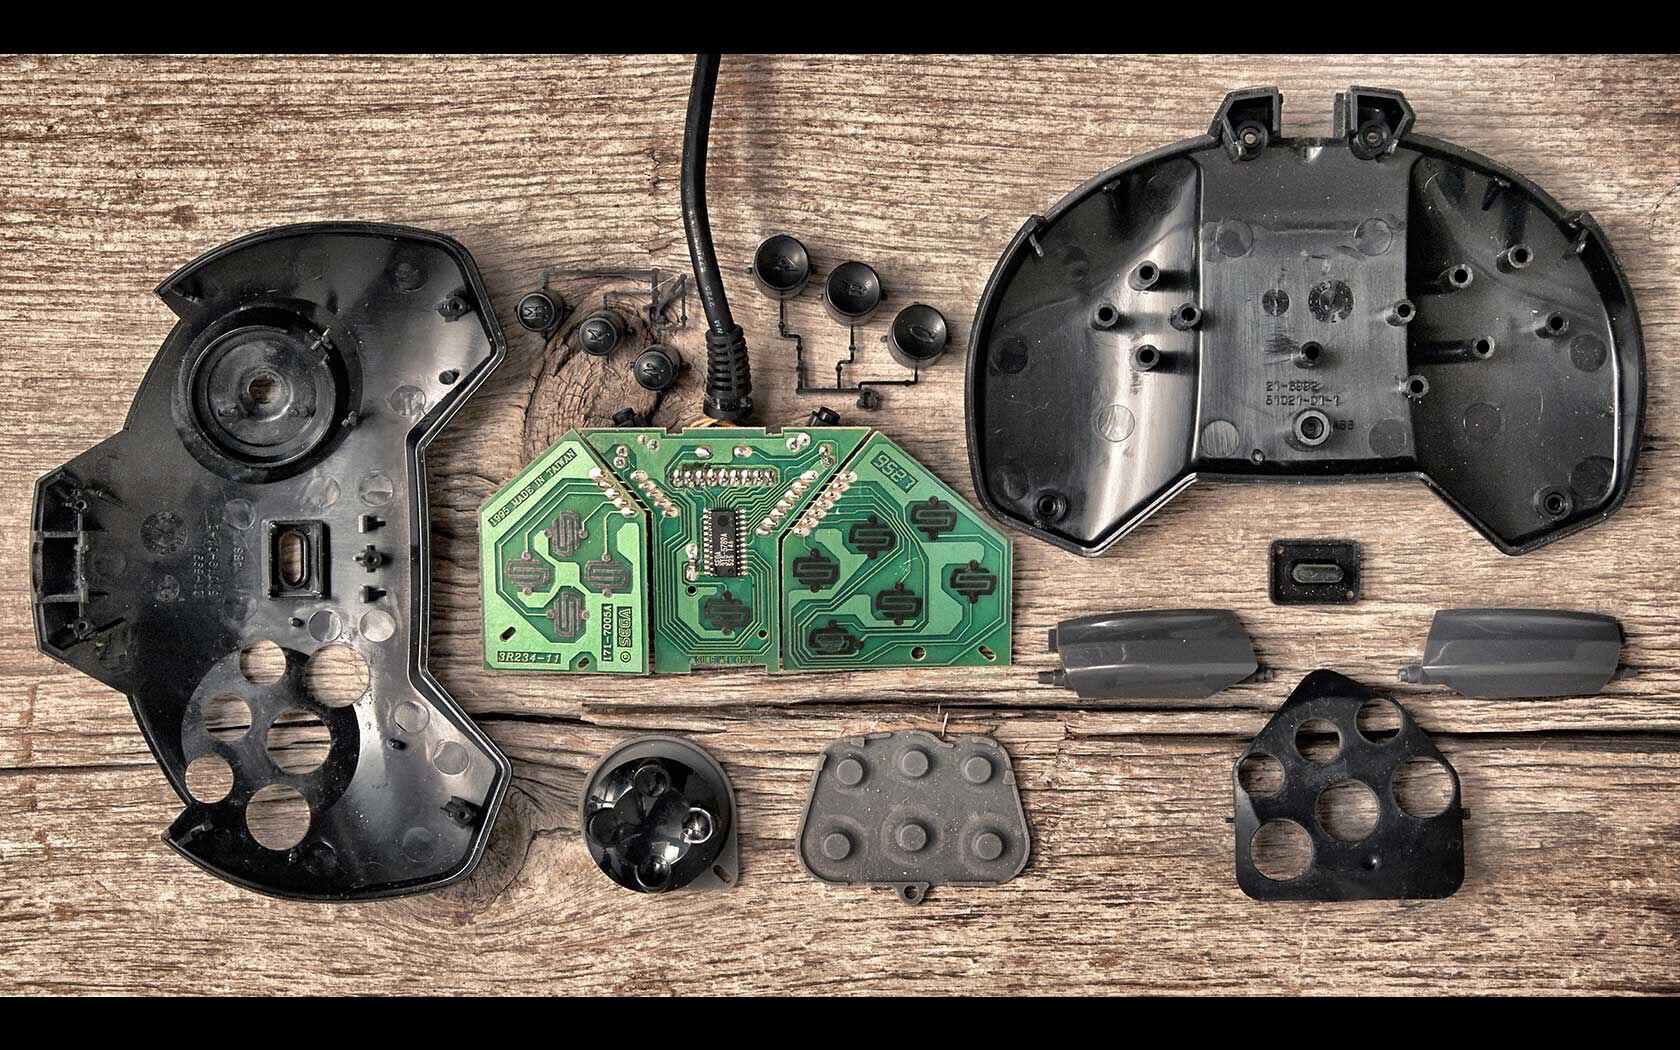 Game Controller 10